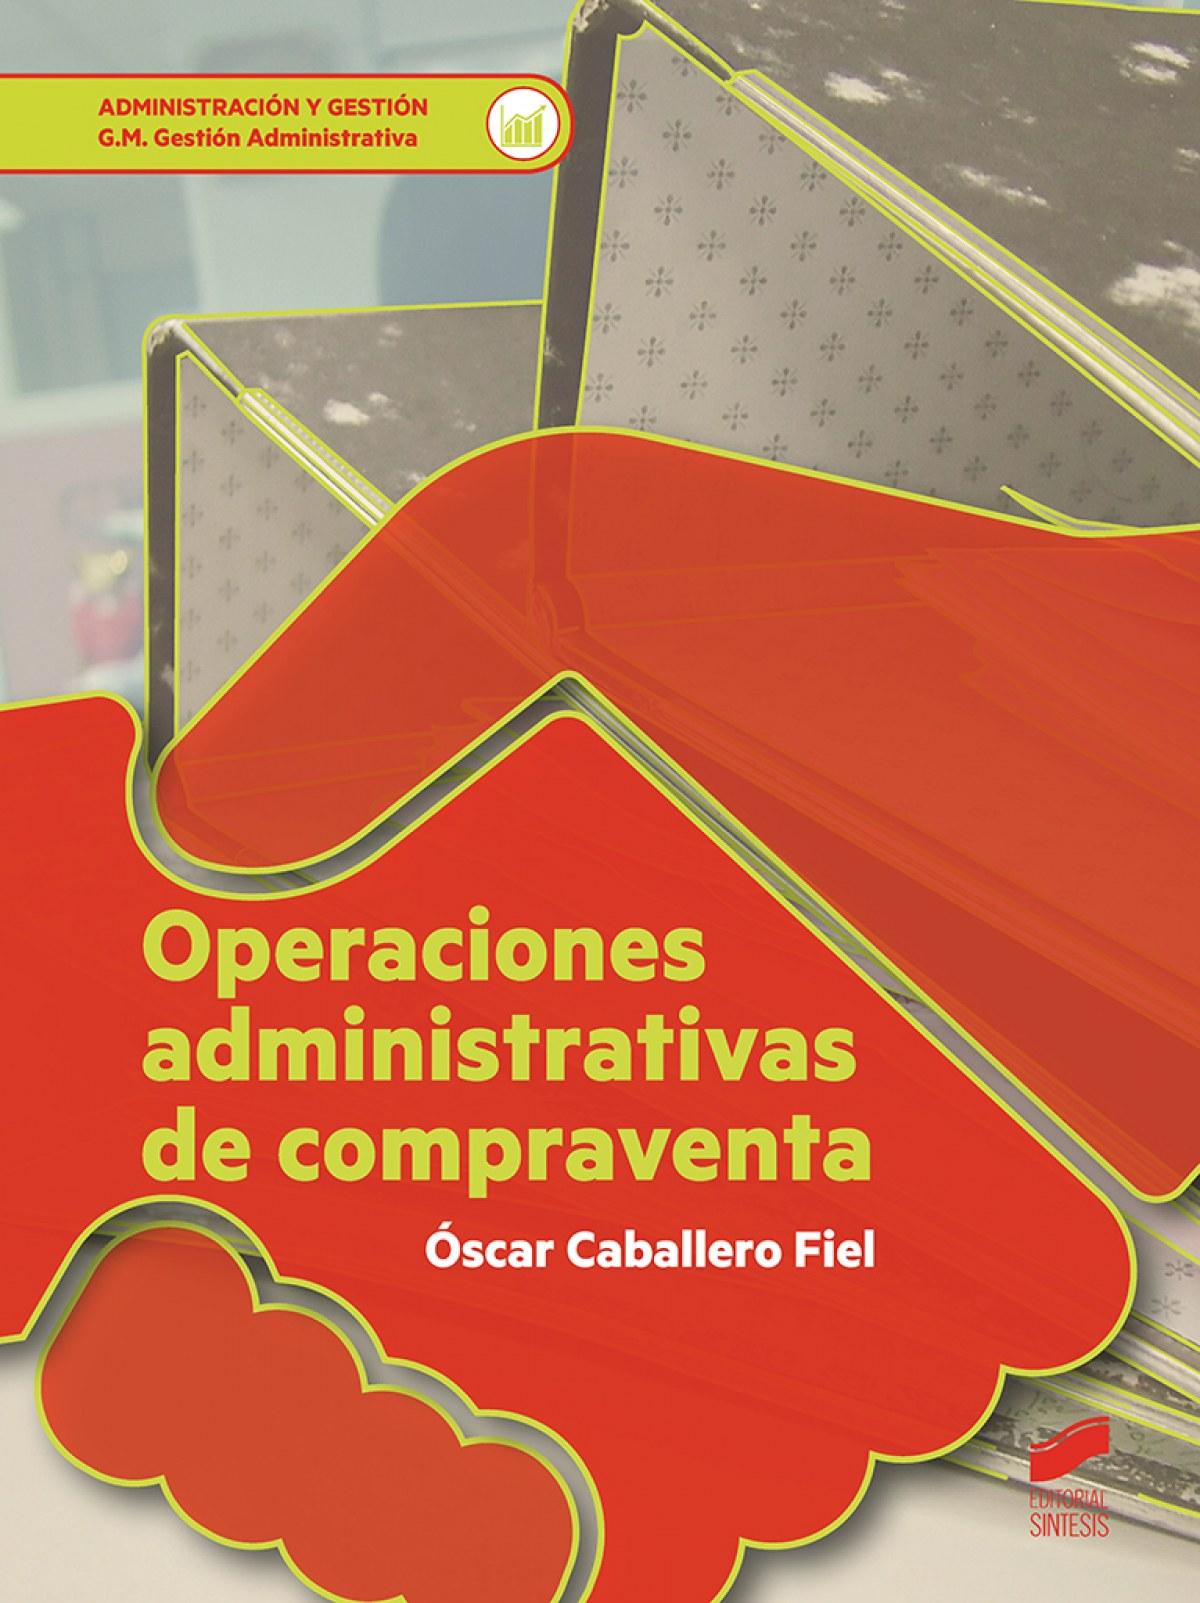 Operaciones administrativas de compraventa